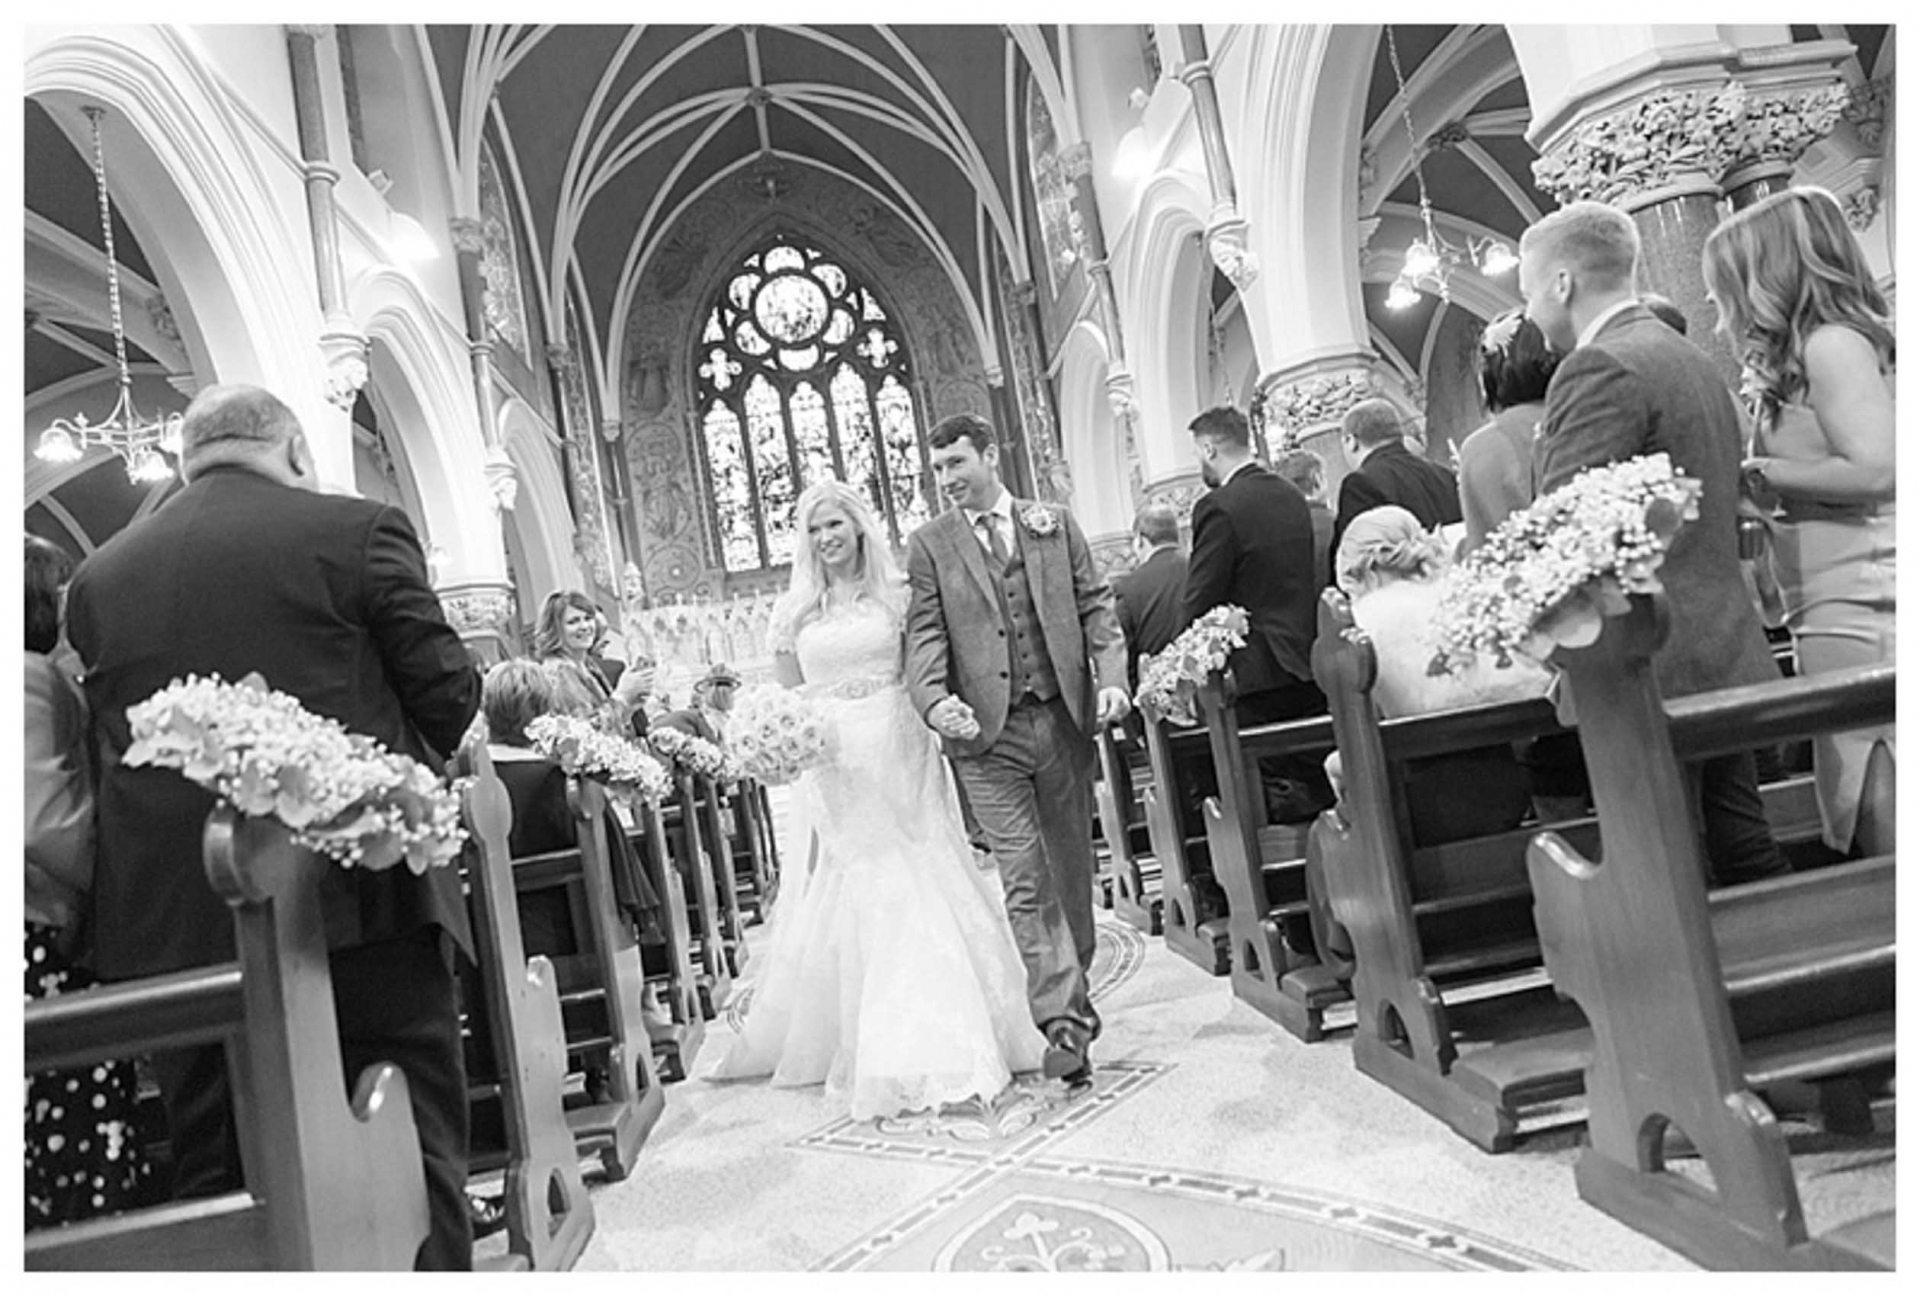 Larchfield Estate Wedding Photography by Ricky Parker Photography-39